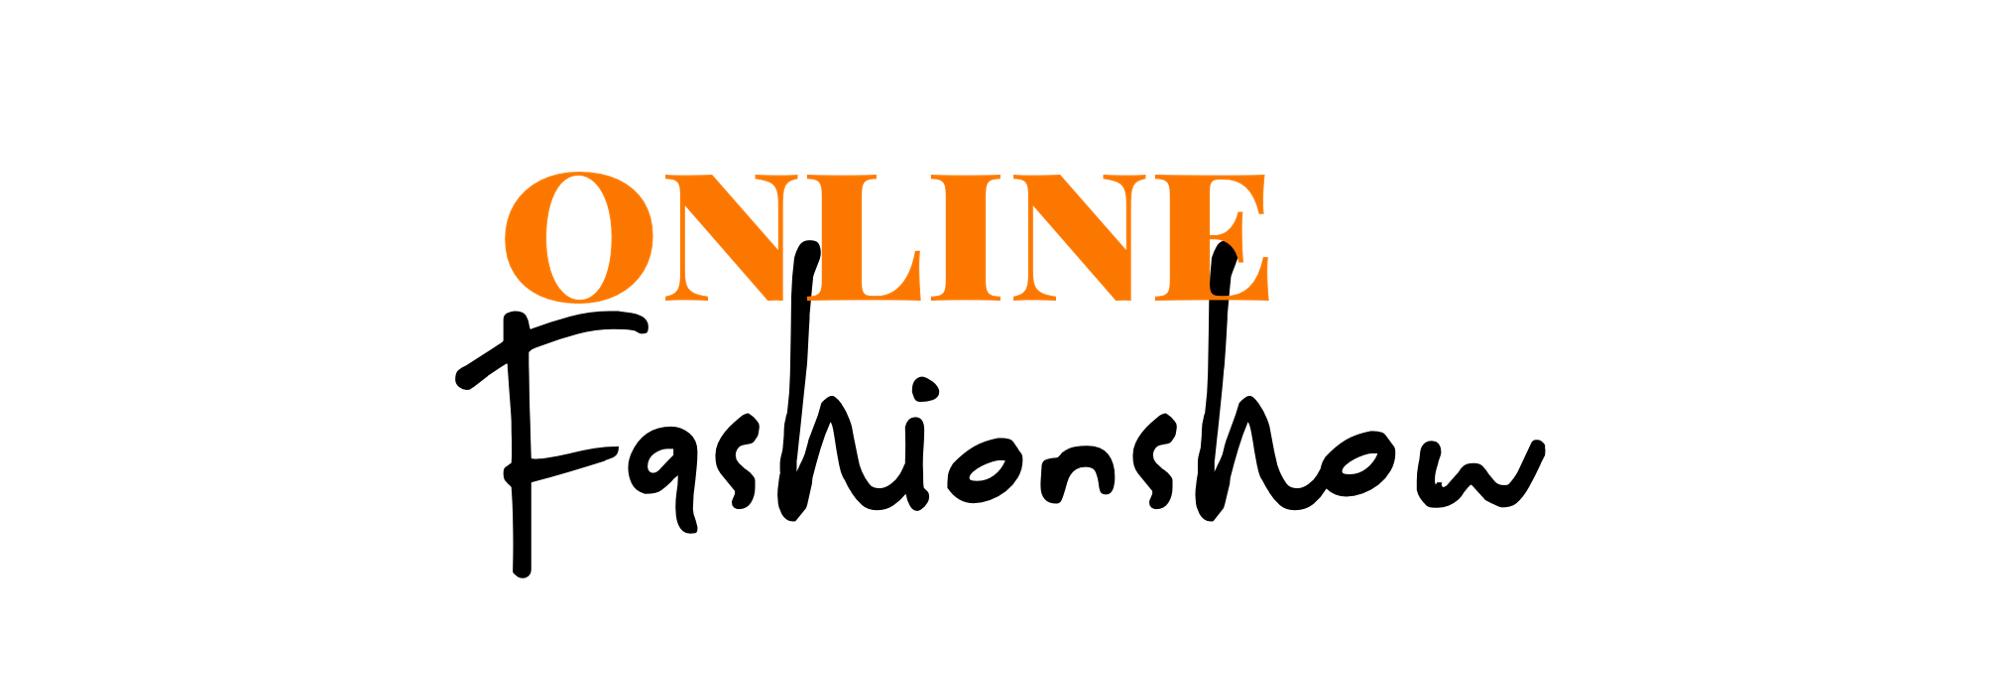 Online Fashionshow: Optiker Walter Urabel